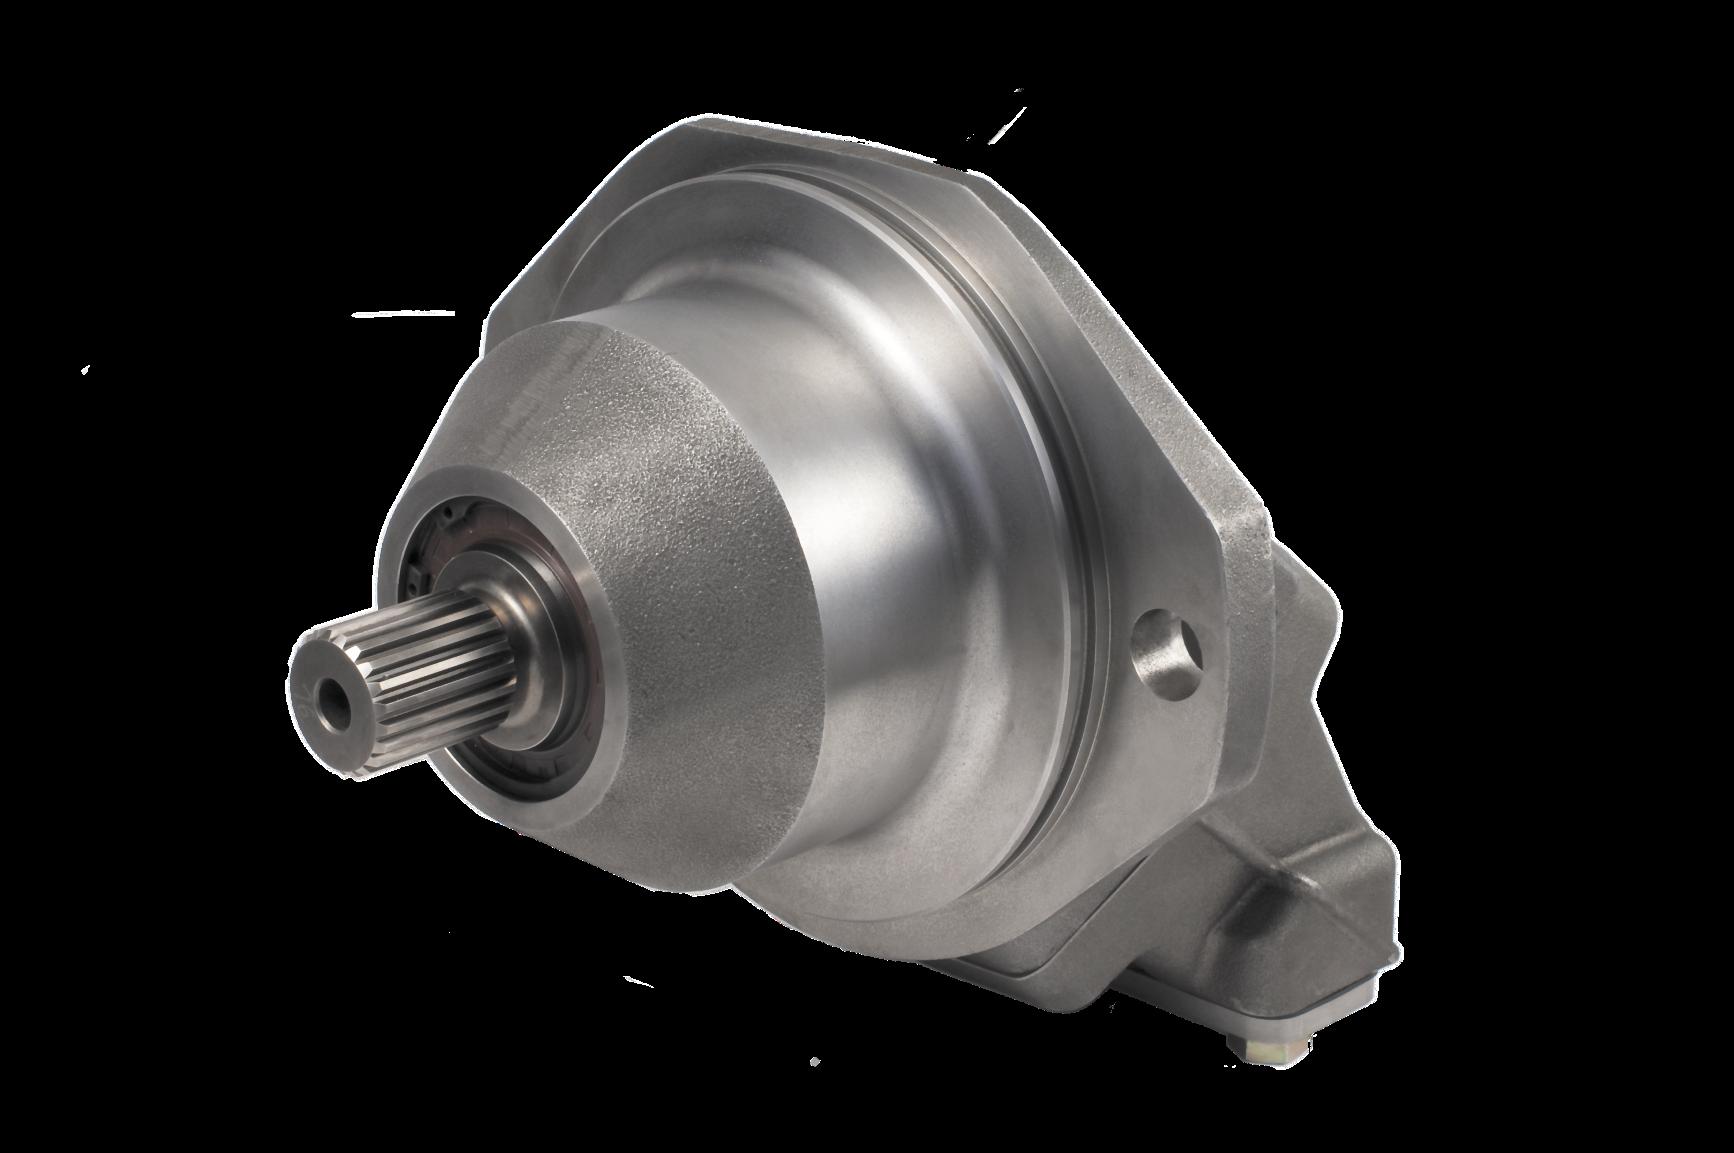 Motrac Industries CMF 80 by Linde Hydraulics